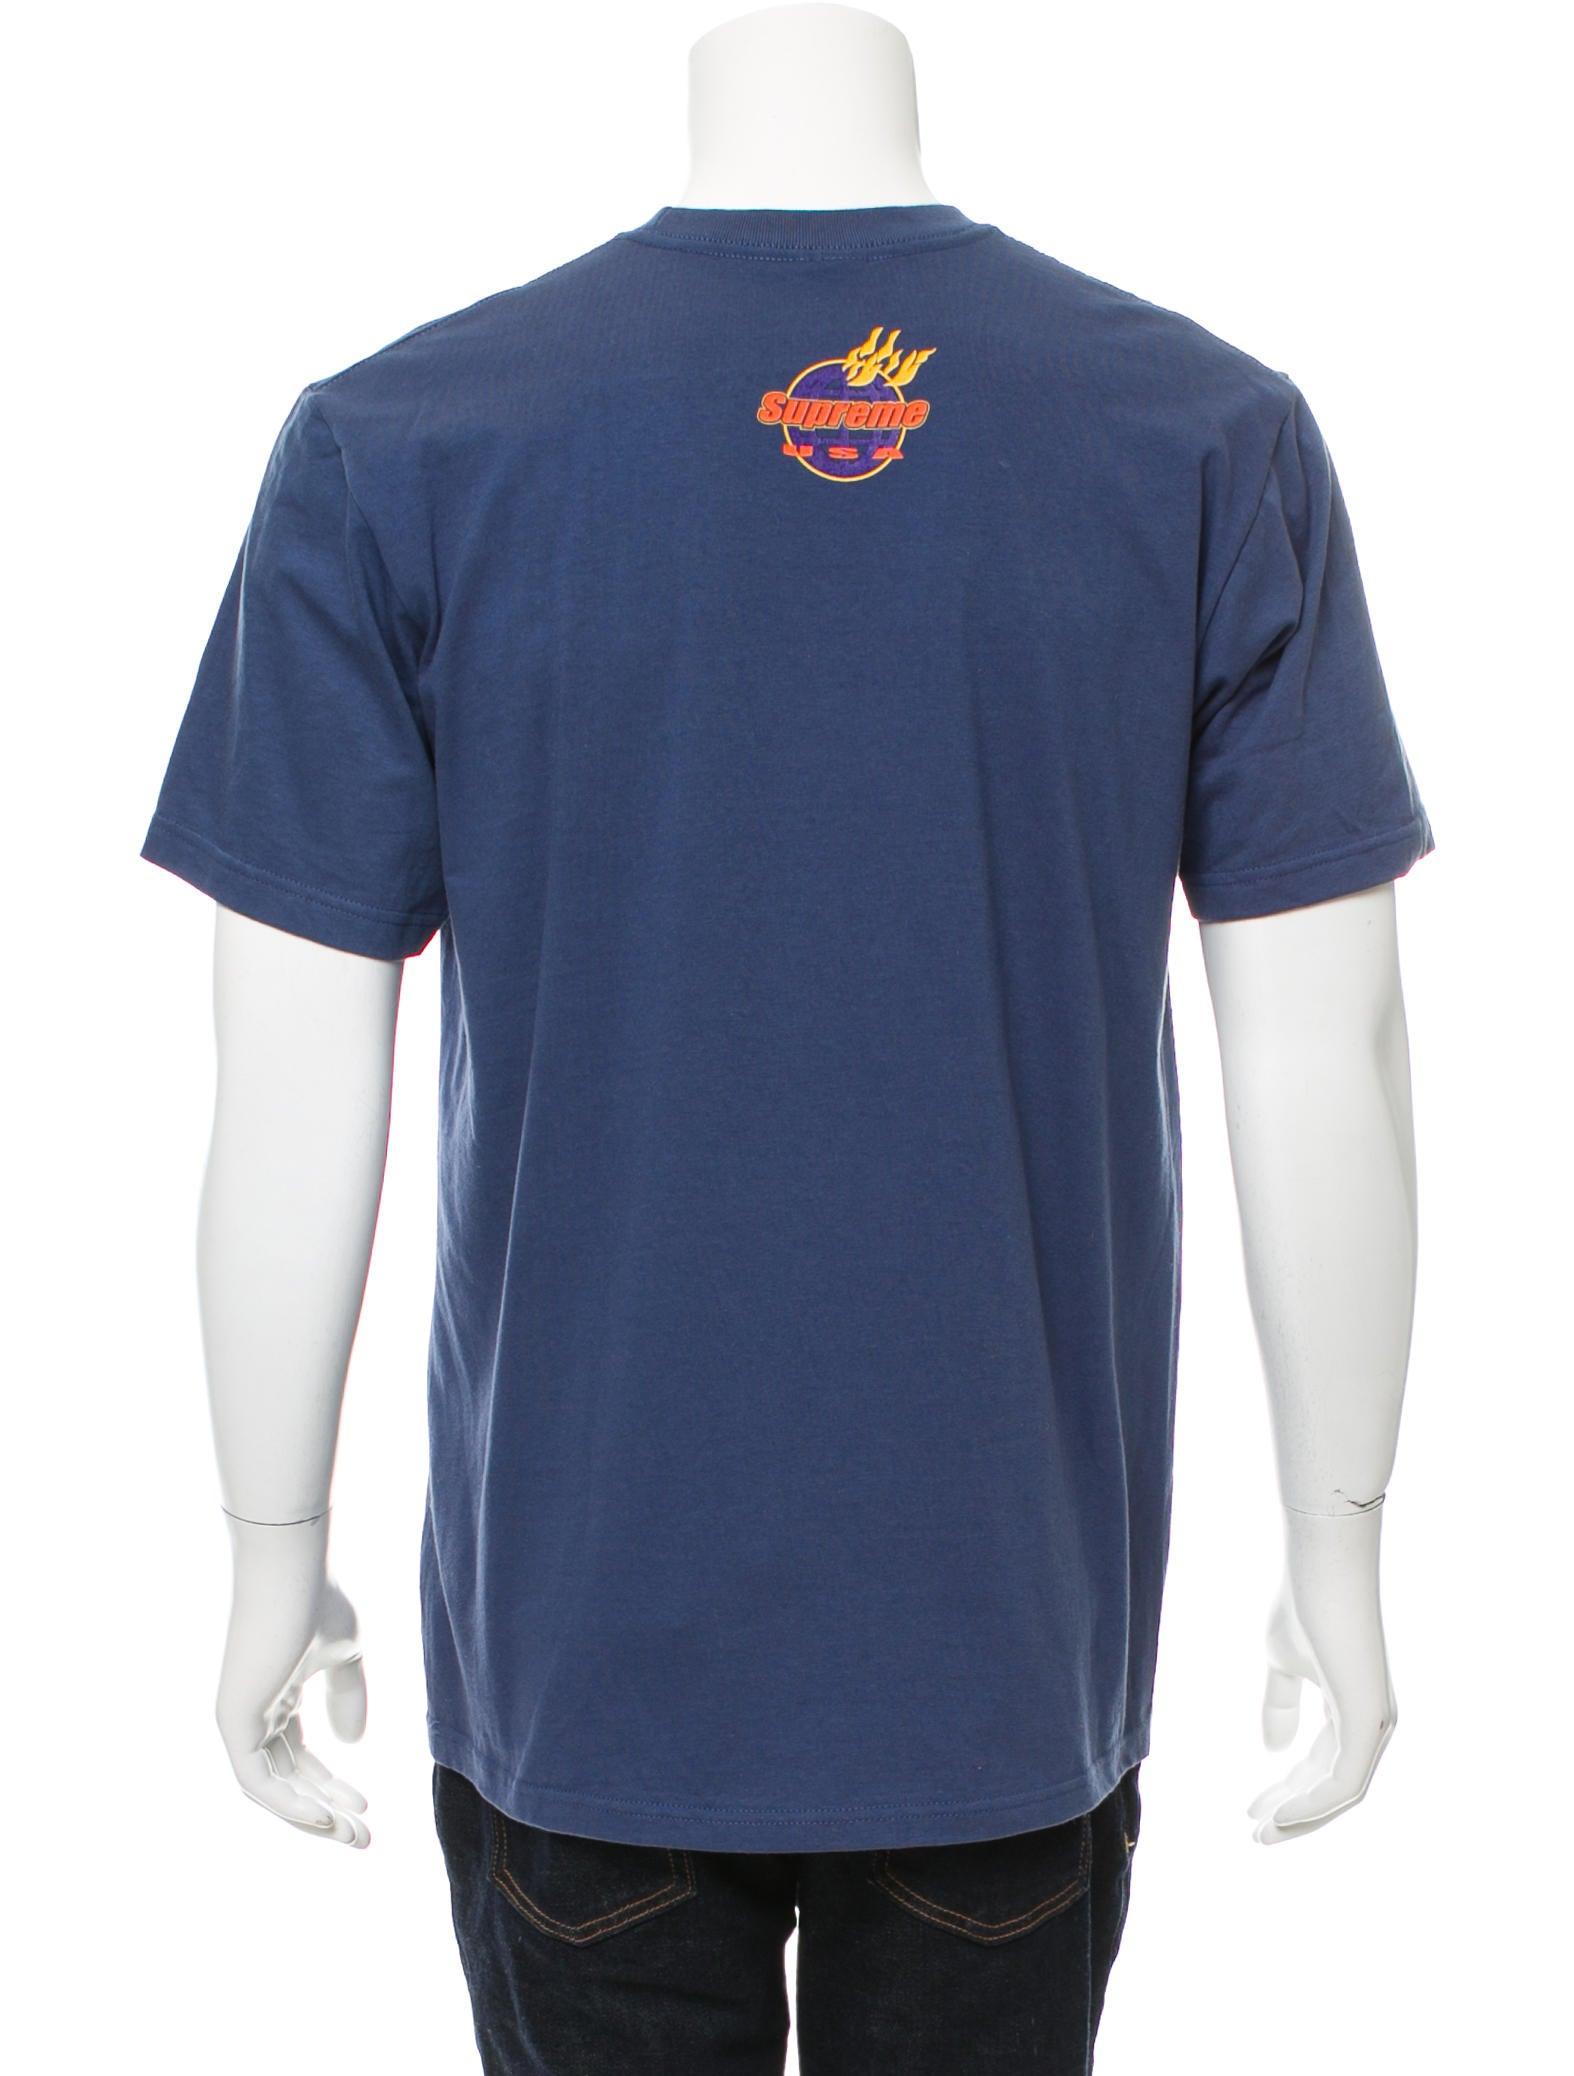 Supreme usa flame print t shirt clothing wspme20928 for T shirt printing usa